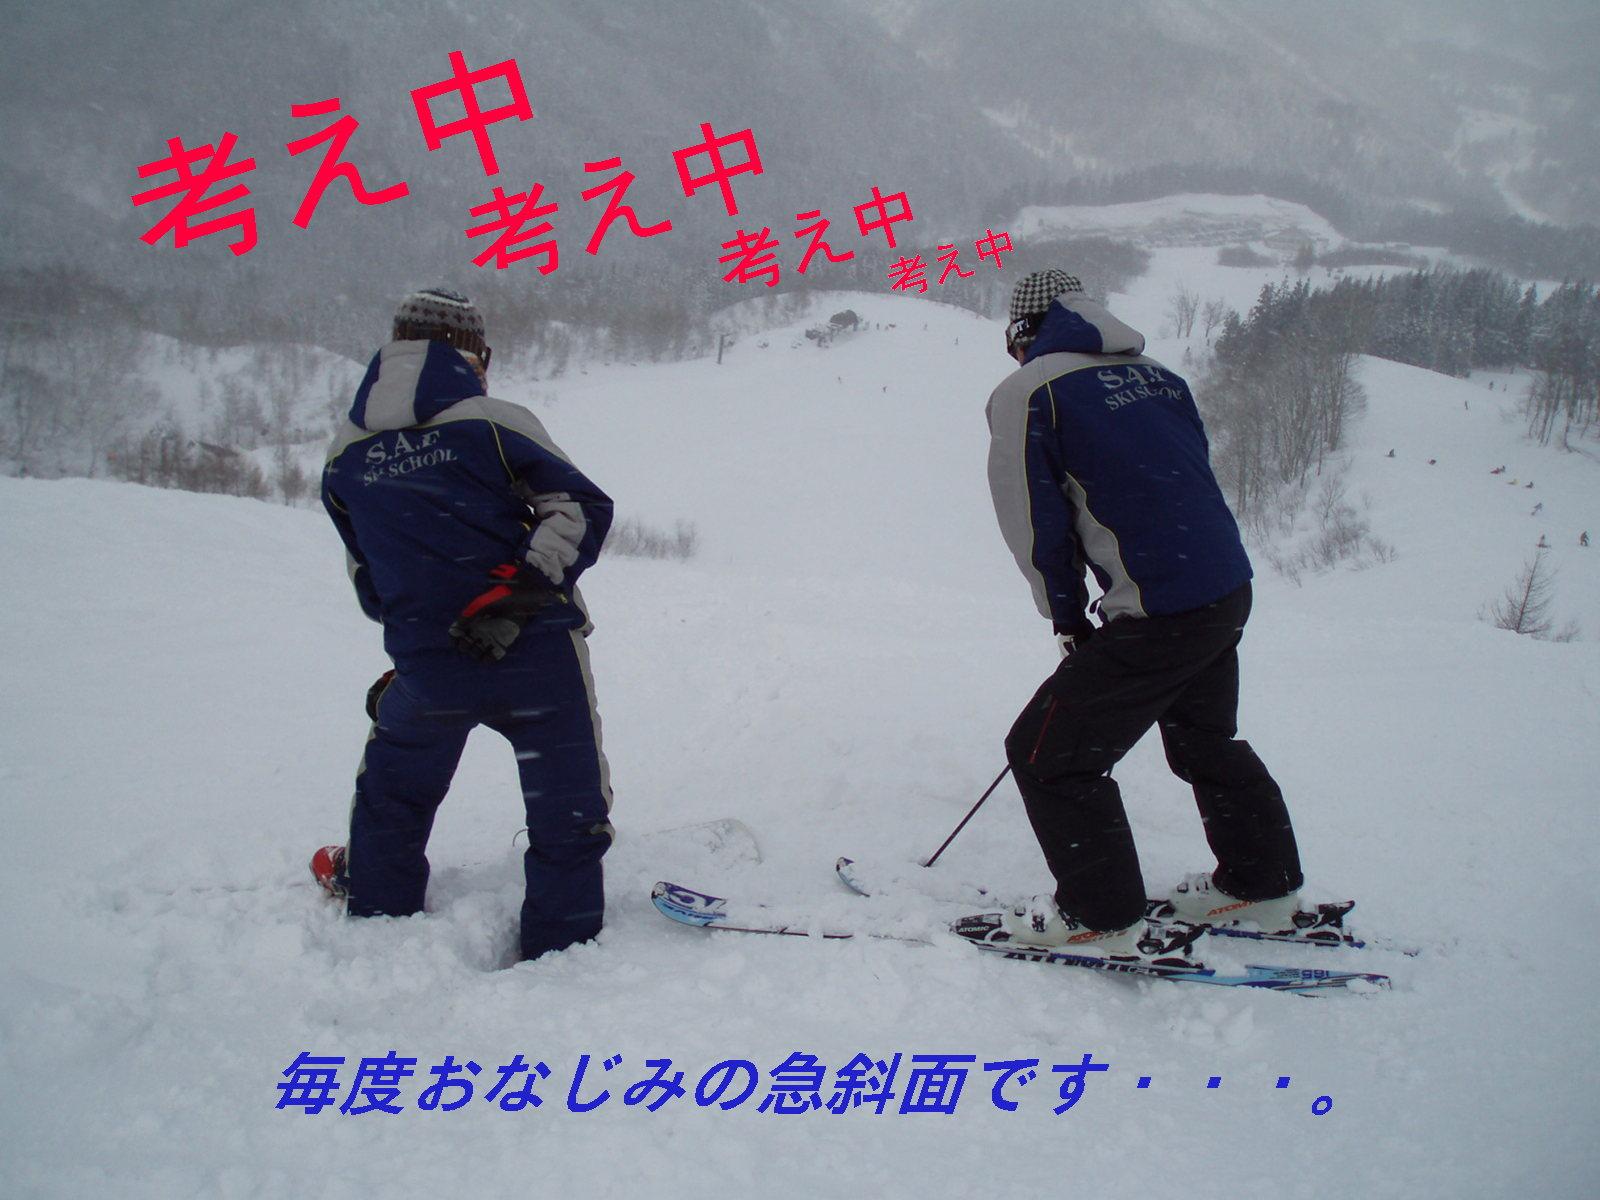 スノーボードバッヂテスト終了☆★_f0118218_1939943.jpg